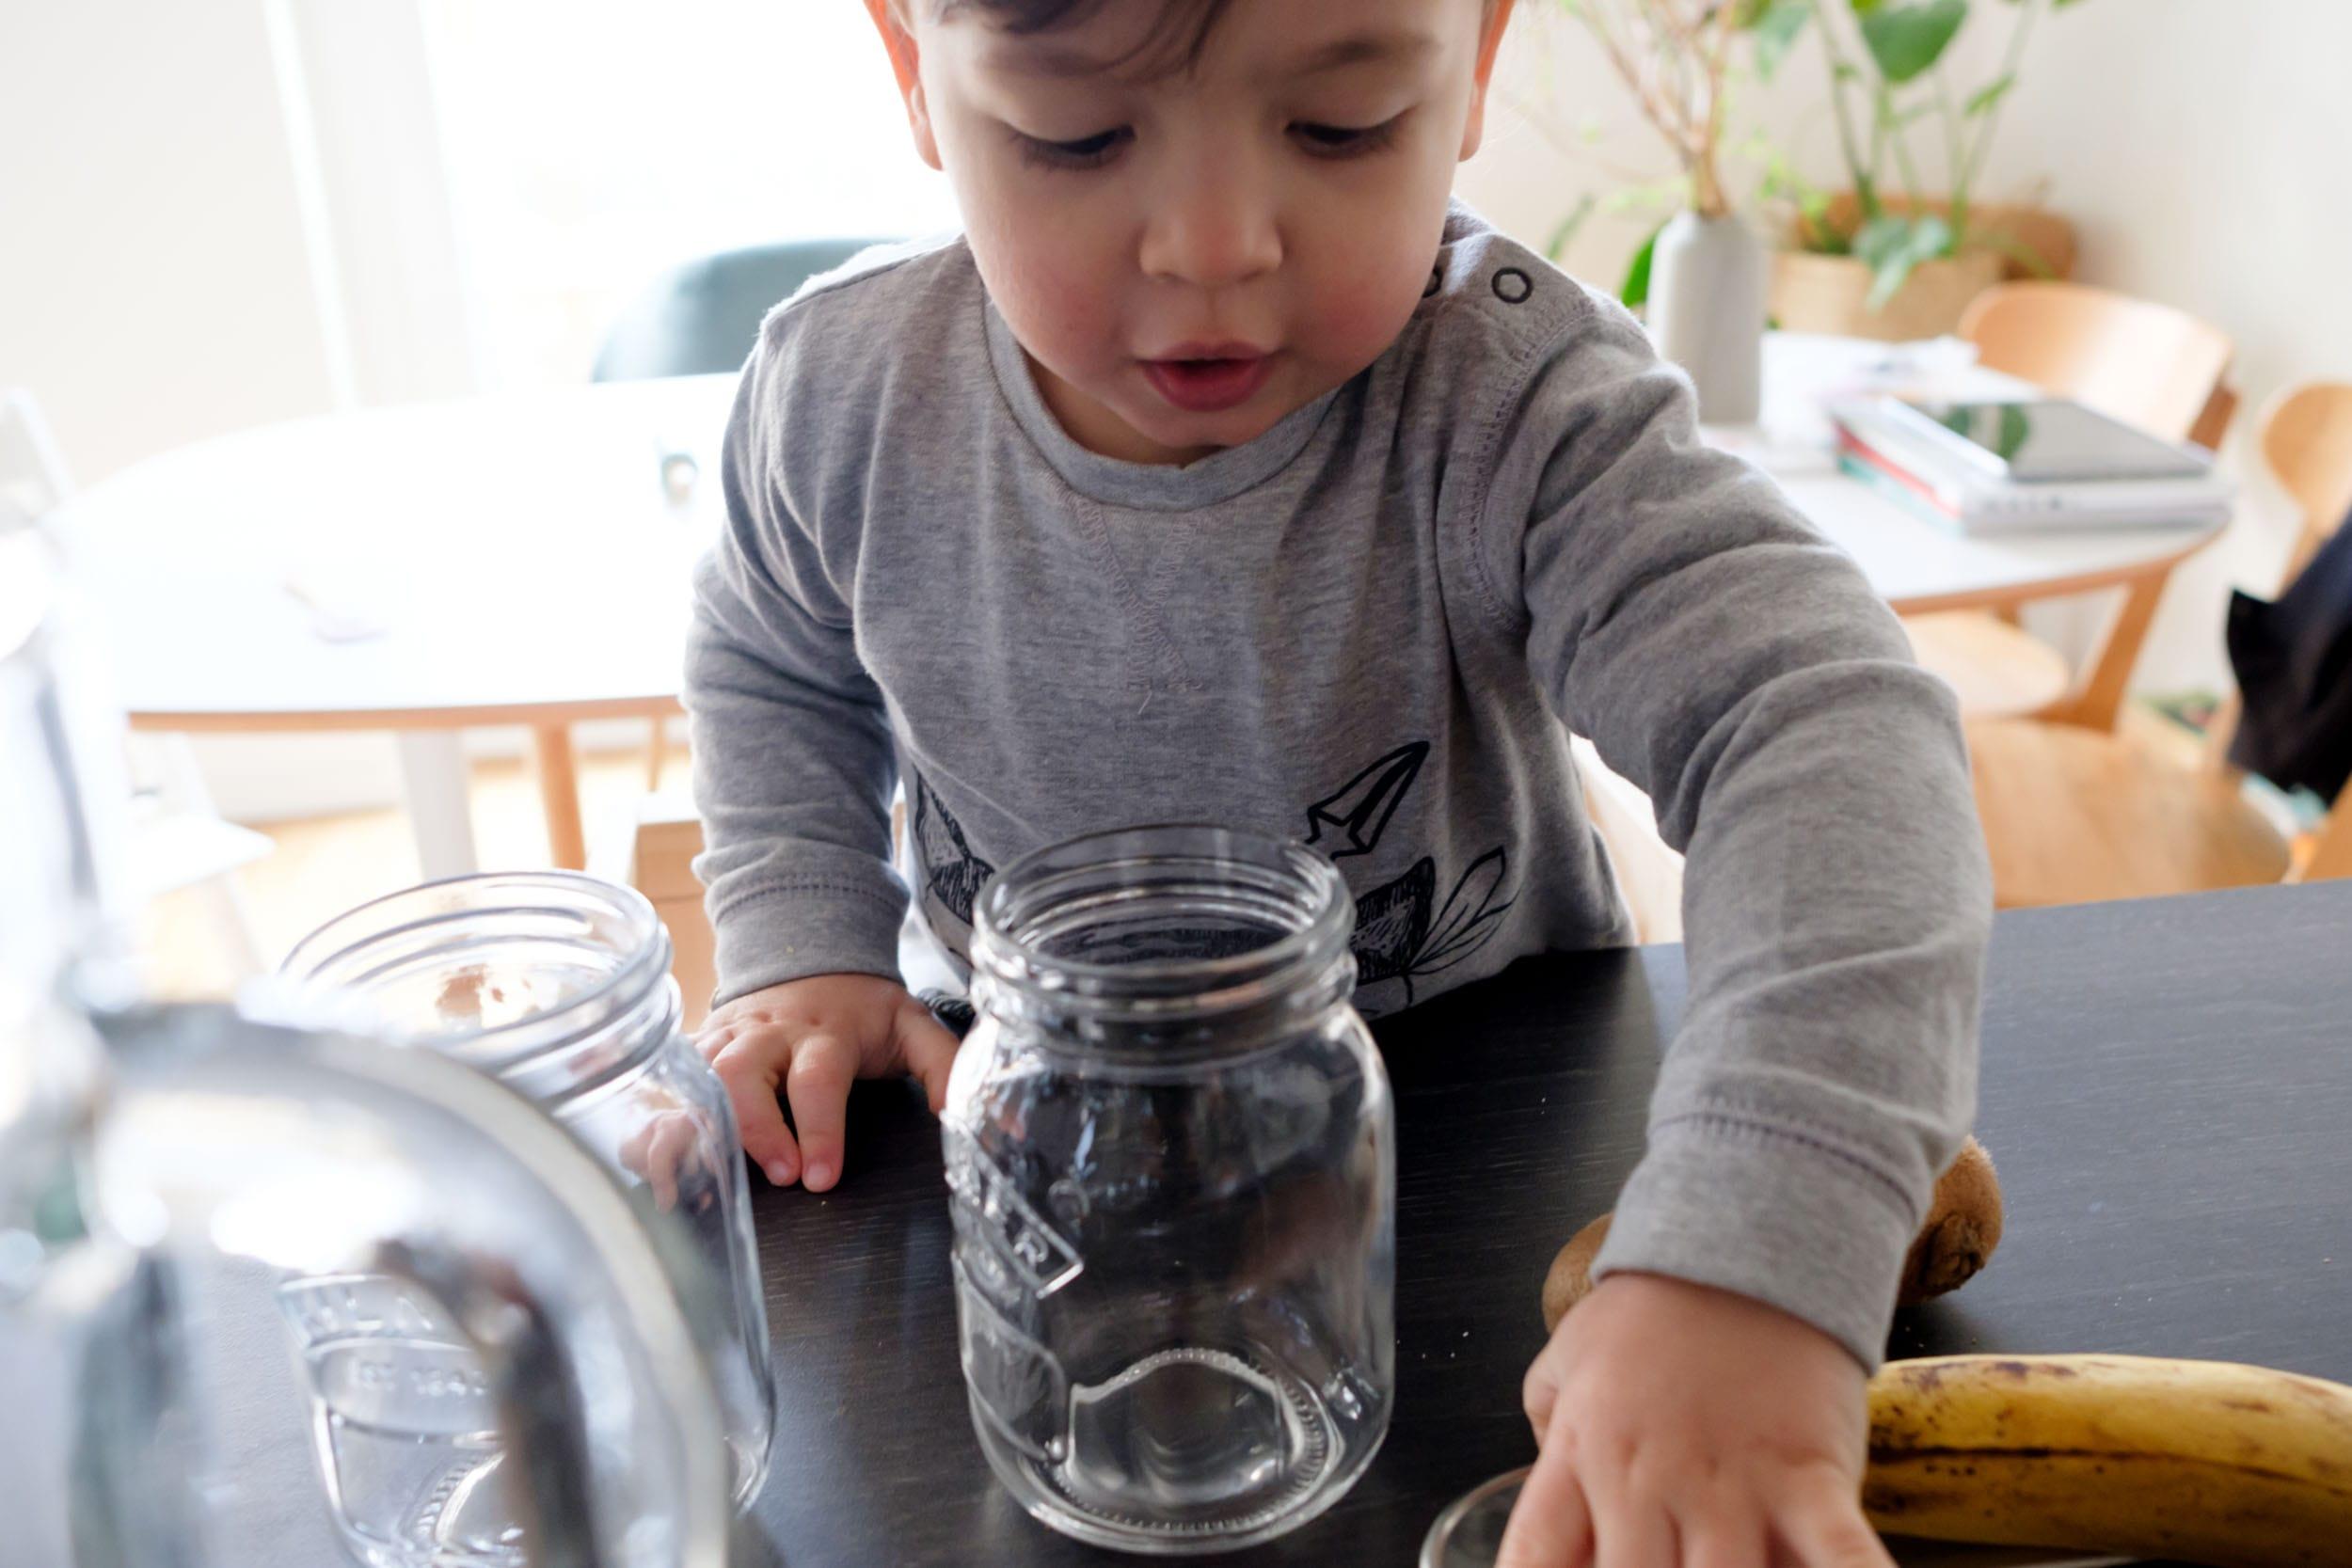 Schietwettertage mit Kind | 3 Tipps für Indoor-Spaß mit TK Maxx | Zuhause mit Kleinkind | Gemeinsam in der Küche werkeln | Smoothies mixen | Mehr auf https://ivy.li